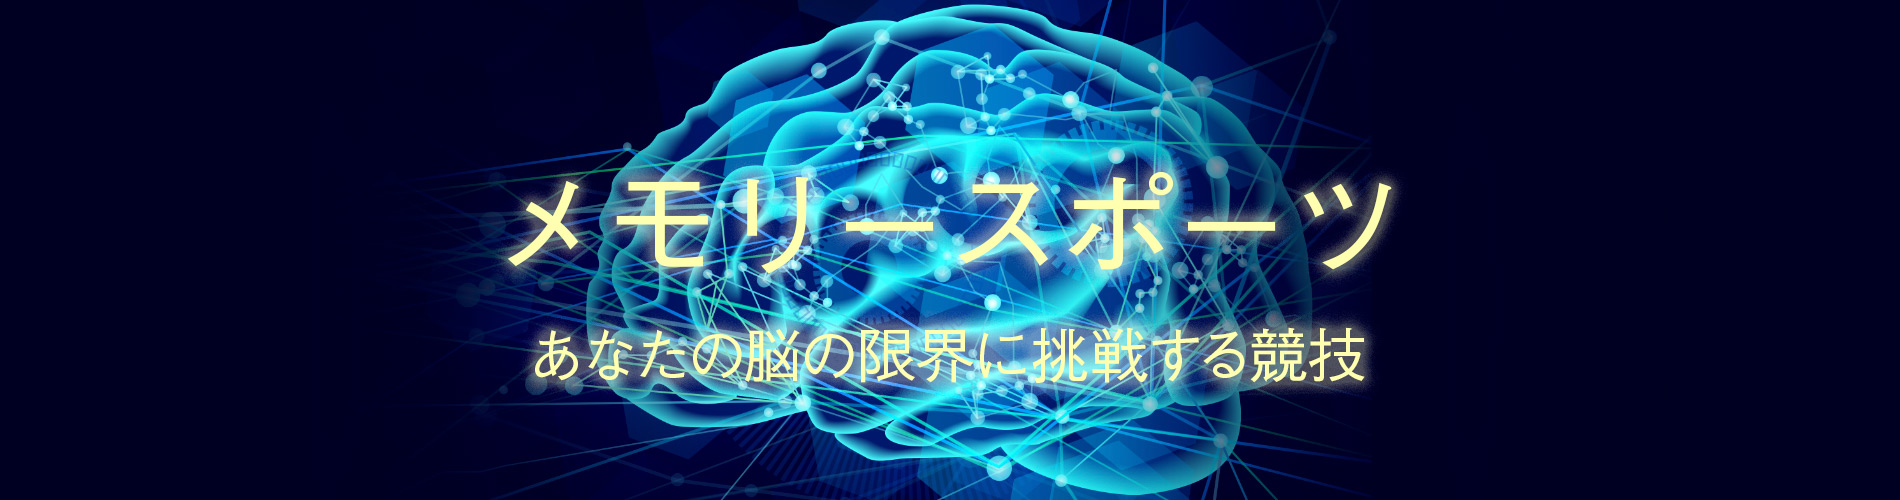 メモリースポーツ あなたの脳の限界に挑戦する競技